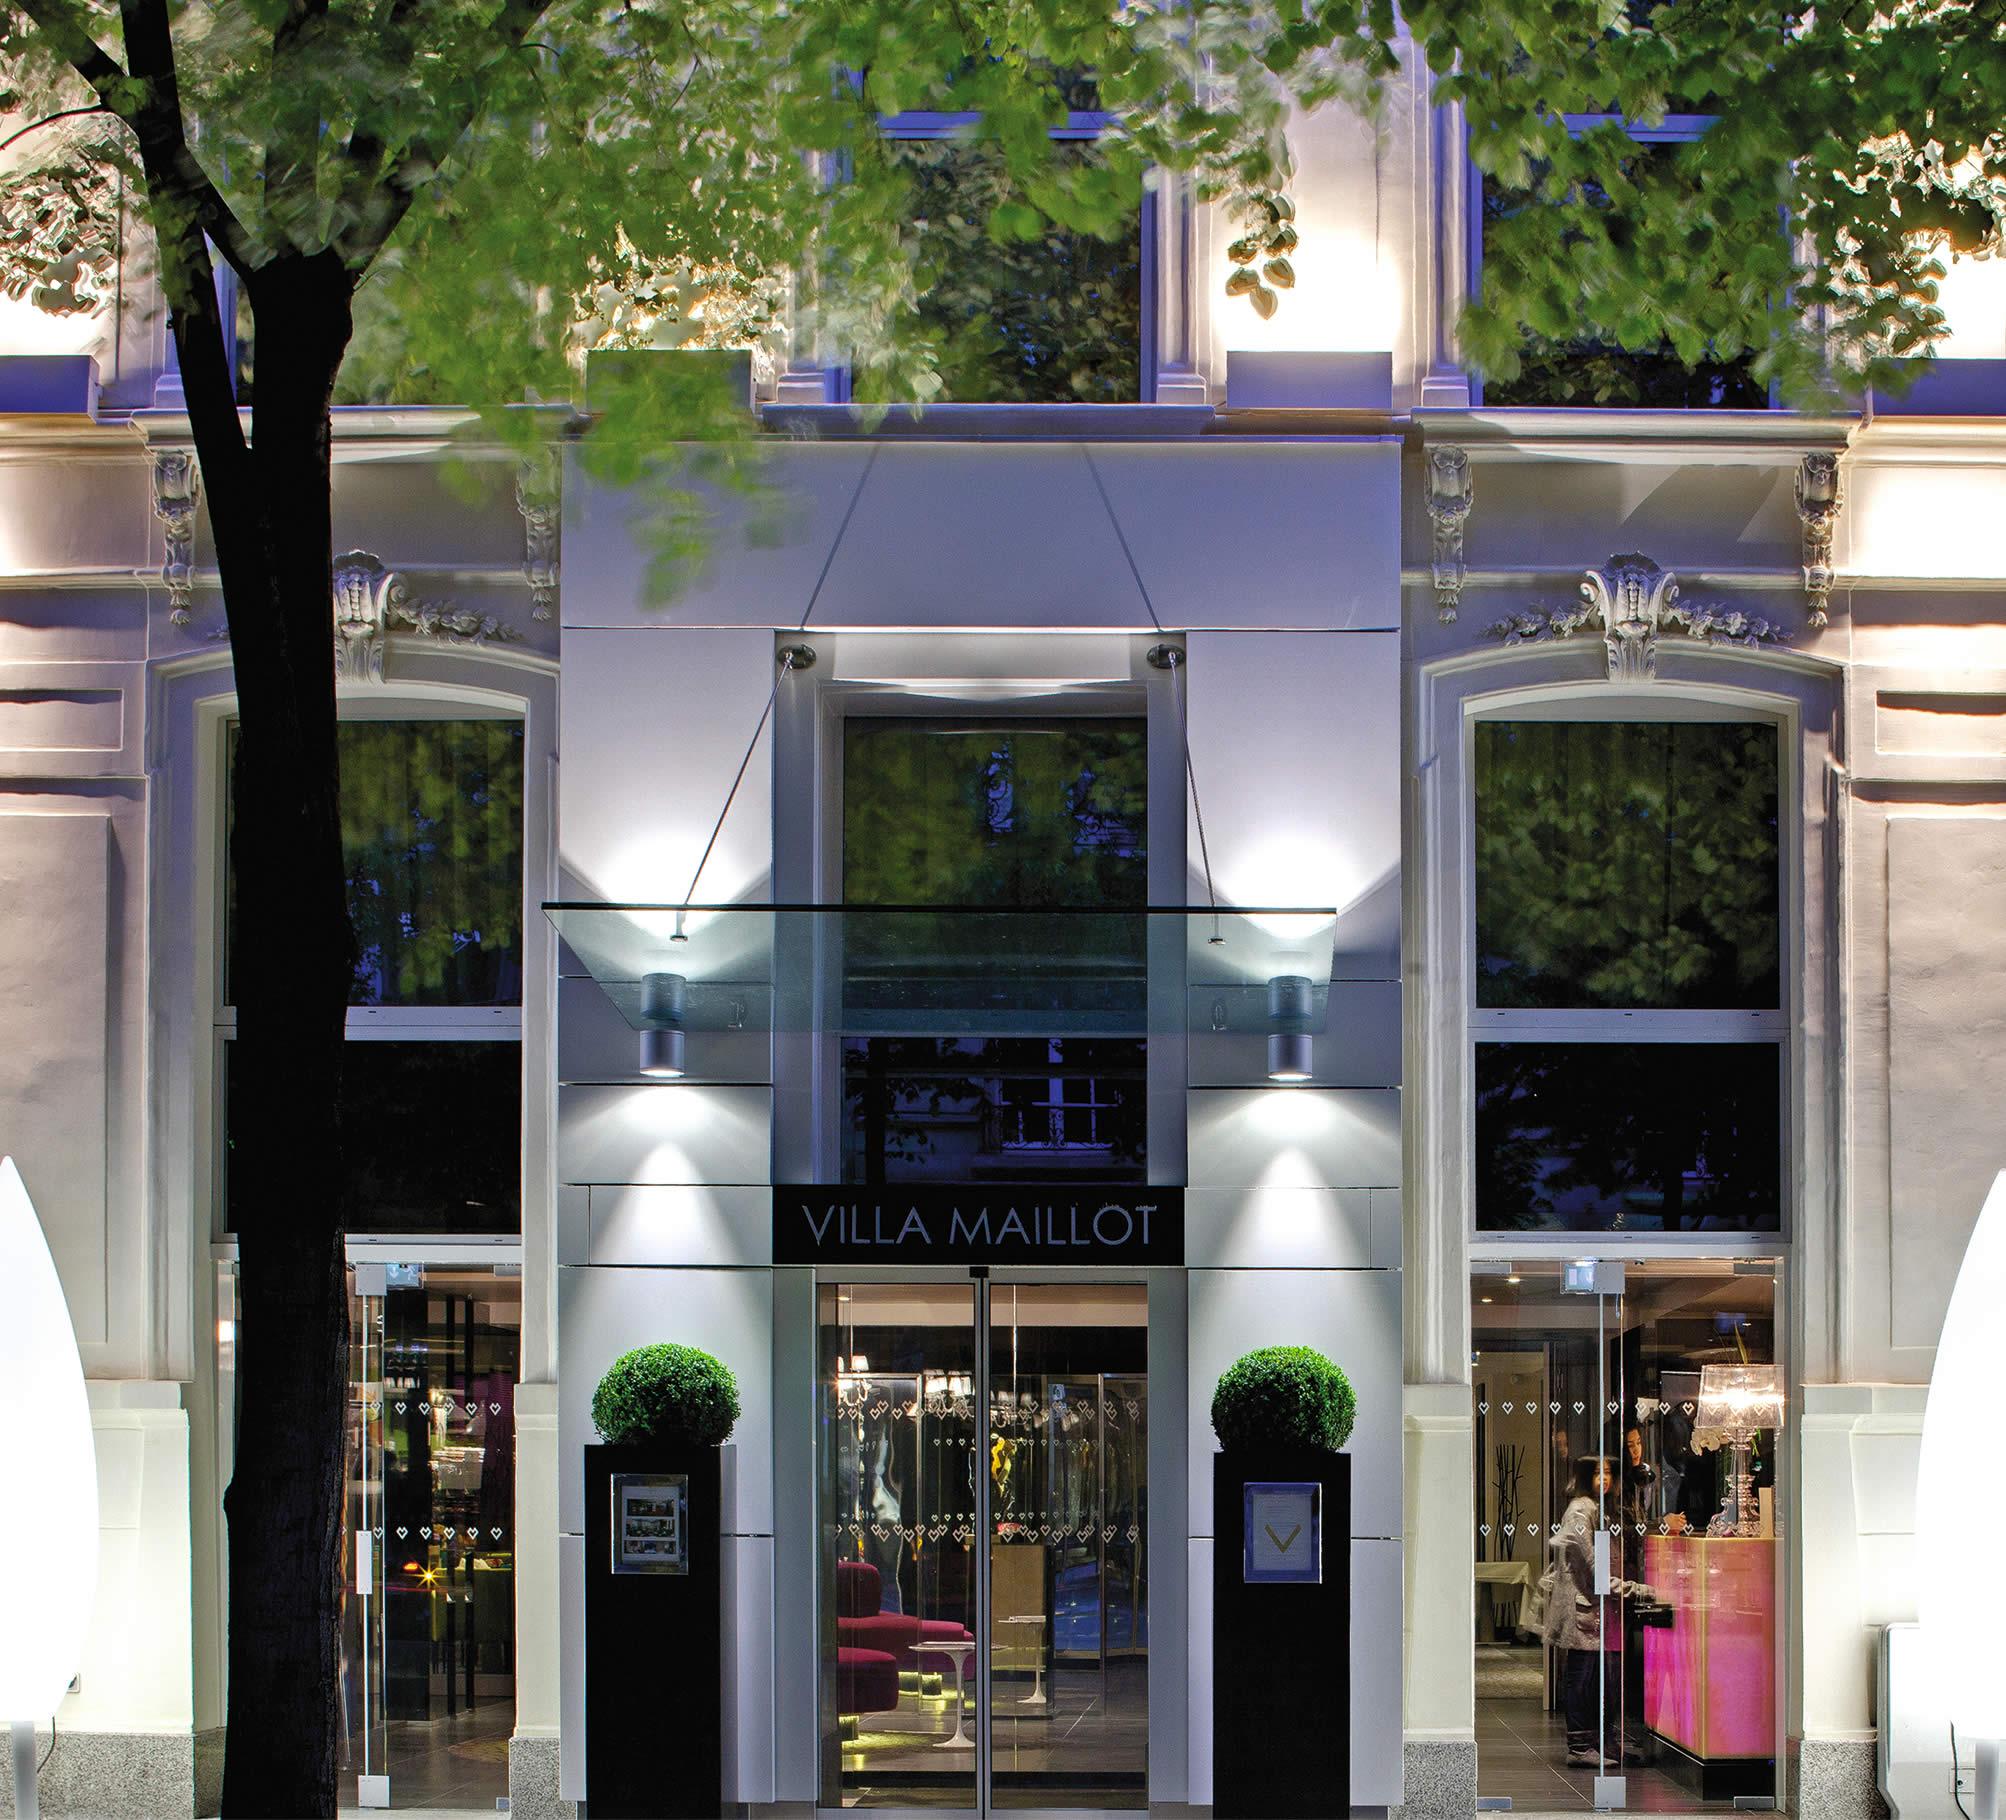 Hotel Villa La Parisienne Parigi la villa maillot | hôtel 4 étoiles au coeur de paris arc de